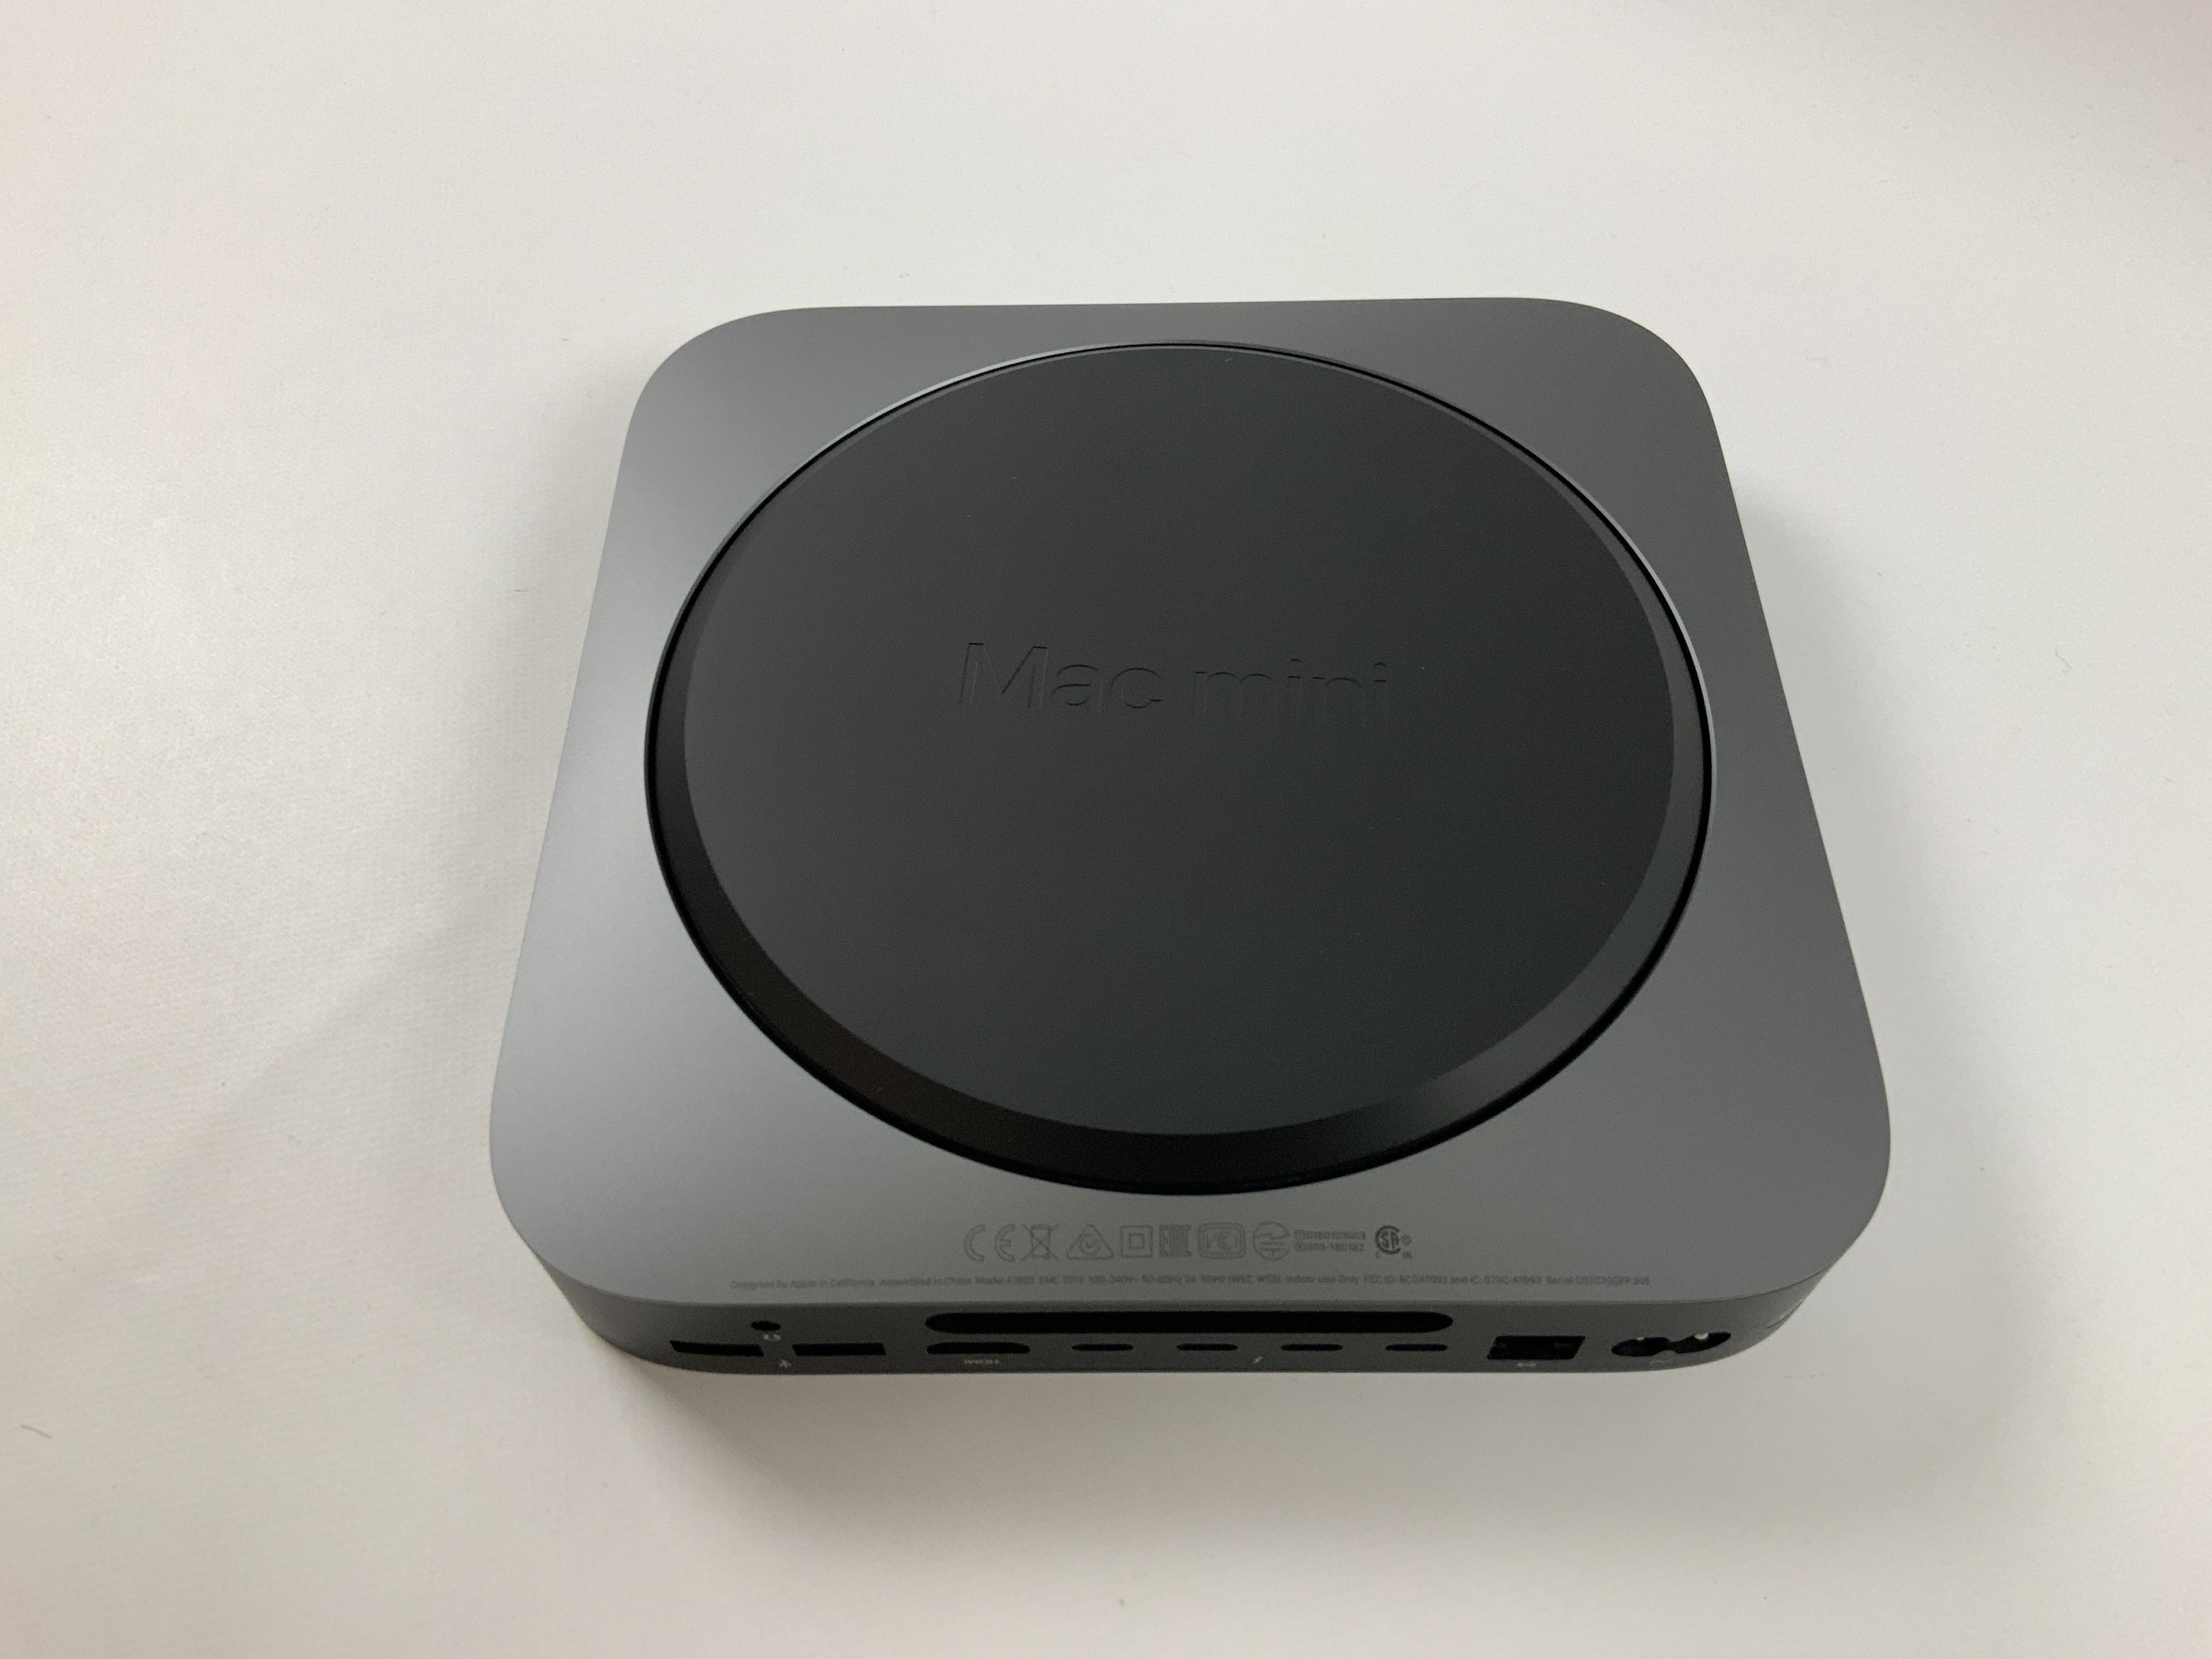 Mac Mini Early 2020 (Intel 6-Core i5 3.0 GHz 8 GB RAM 512 GB SSD), Intel 6-Core i5 3.0 GHz, 8 GB RAM, 512 GB SSD, Afbeelding 2